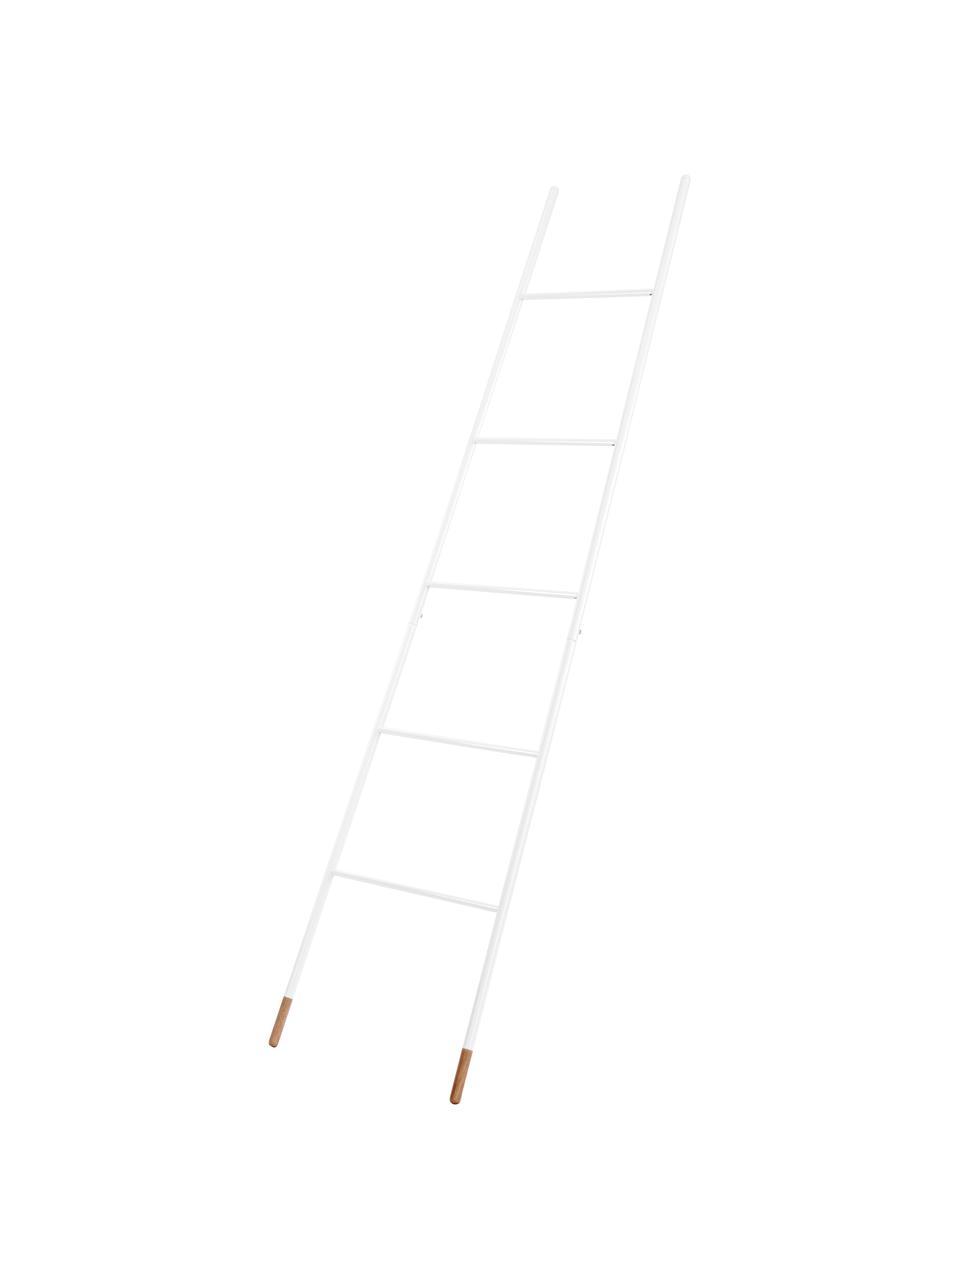 Handtuchleiter Rack Ladder in Weiß, Füße: Gummibaumholz, naturlacki, Weiß, 54 x 175 cm